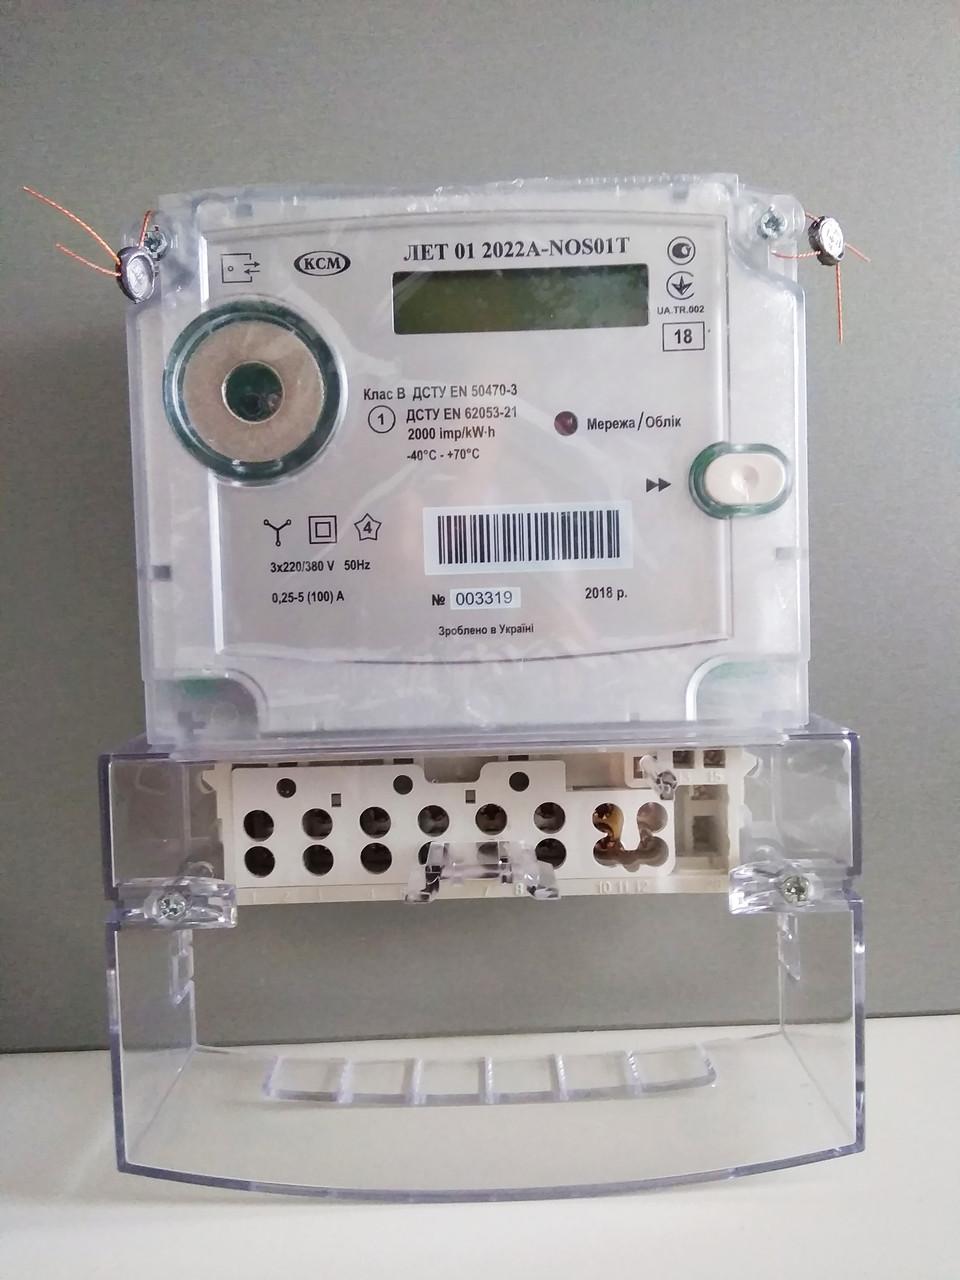 Счетчик электрической энергии ЛЕТ 01 2322R-NOS02T 5(120A) трехфазный многотарифный, актив-реактив